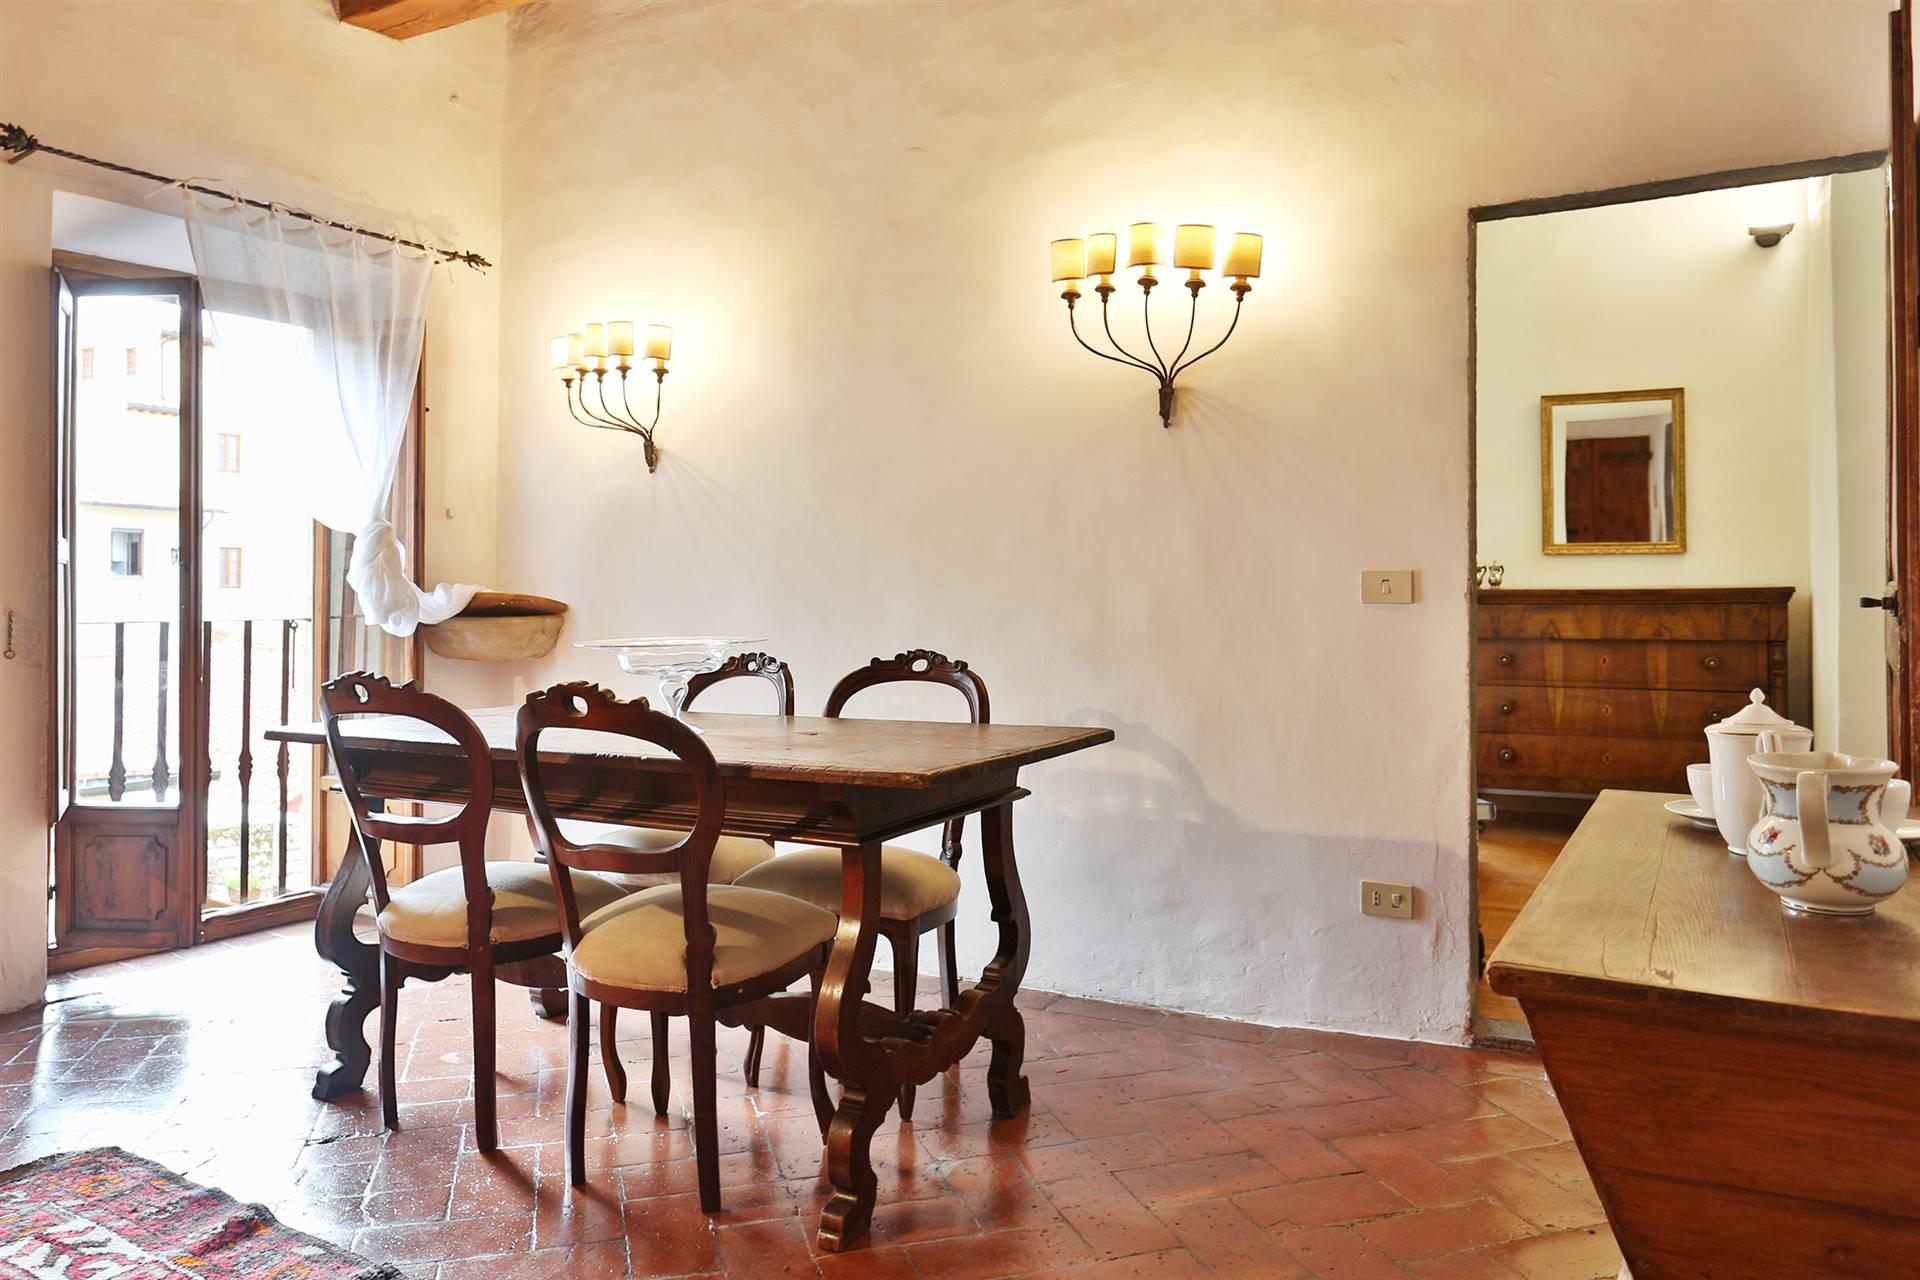 Santo Spirito, vicinanze piazza in antica palazzina affittasi al secondo piano delizioso trilocale arredato composto da soggiorno, cucinotto